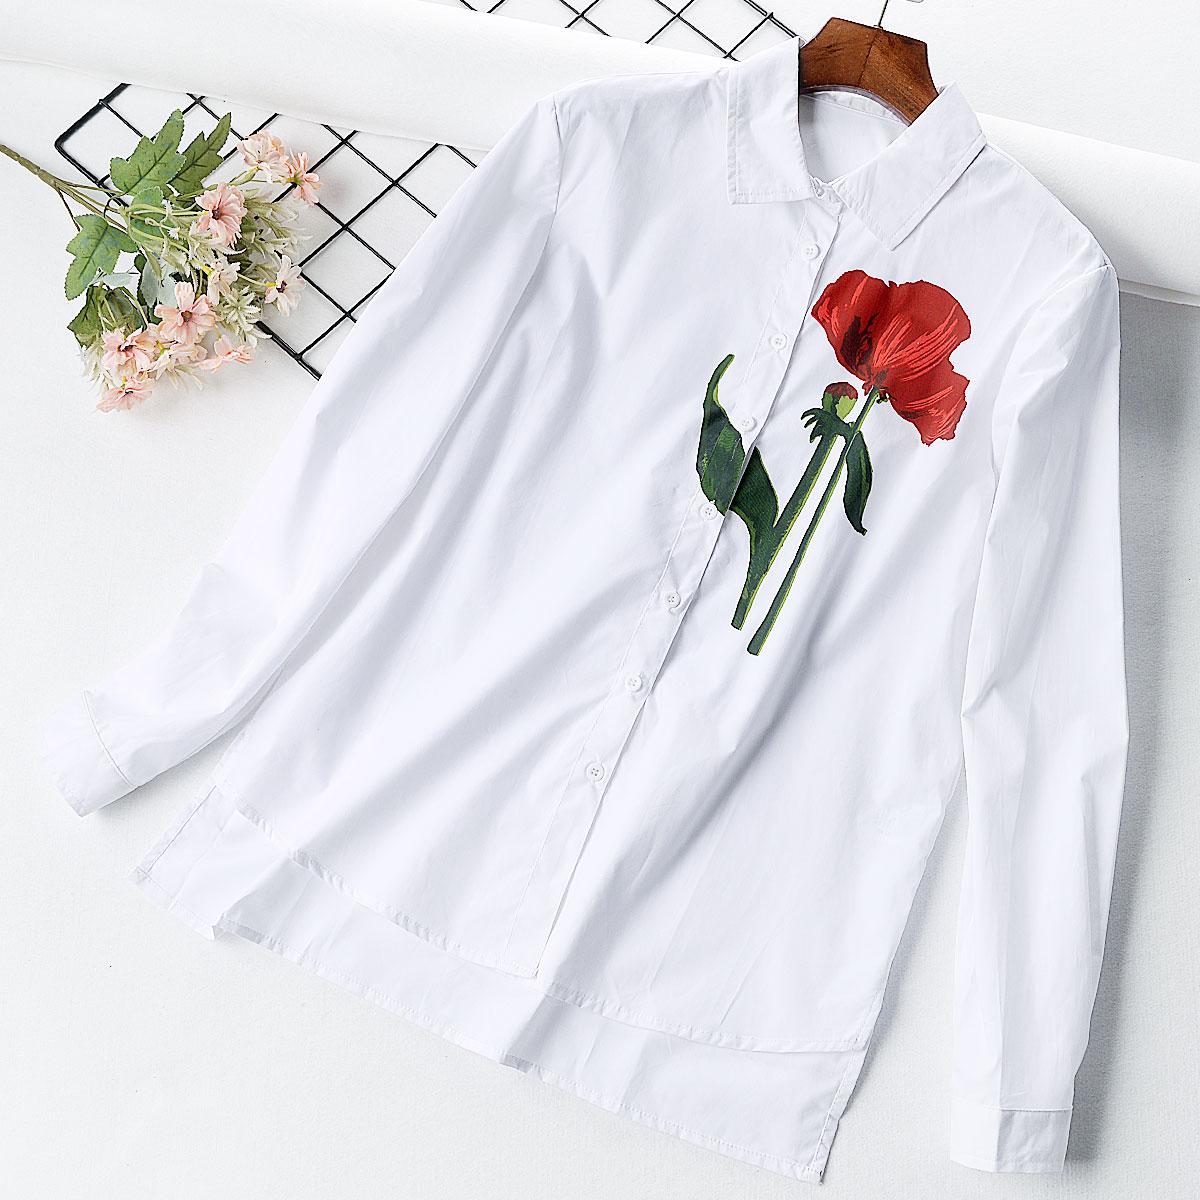 U14 Hàn Quốc đơn ngực ve áo lỏng màu rắn in áo sơ mi dài tay đơn giản hoang dã áo sơ mi cơ bản thủy triều